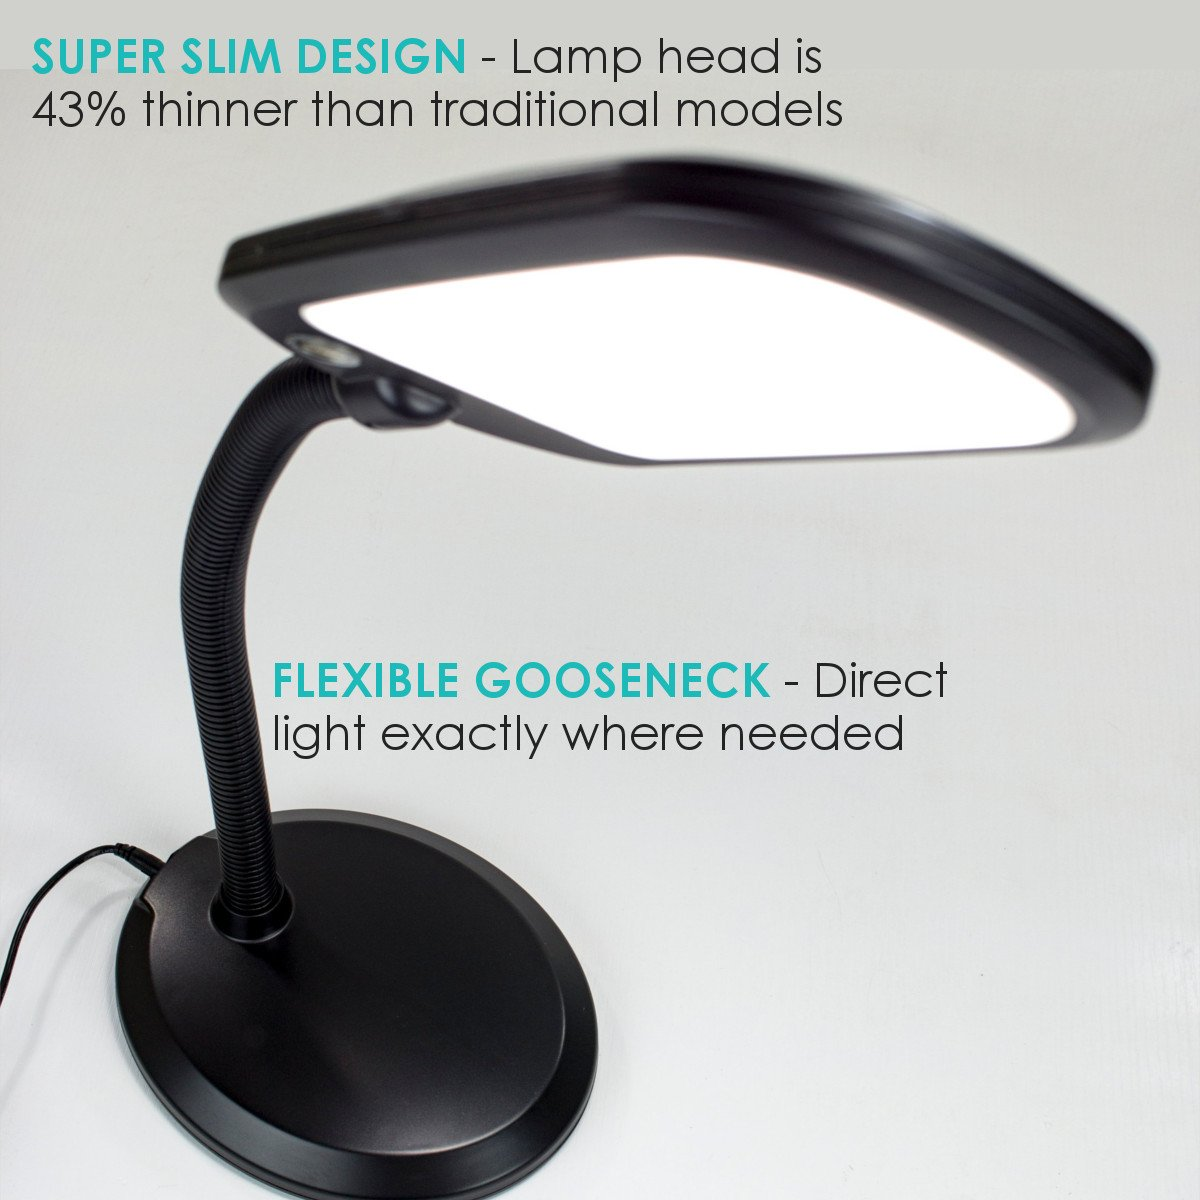 sunlight desk lamp natural full spectrum. HomeConcept LED201BK LED Bright Reader Natural Daylight Full Spectrum Desk Lamp New Slimmer Design, Black - Amazon.com Sunlight I